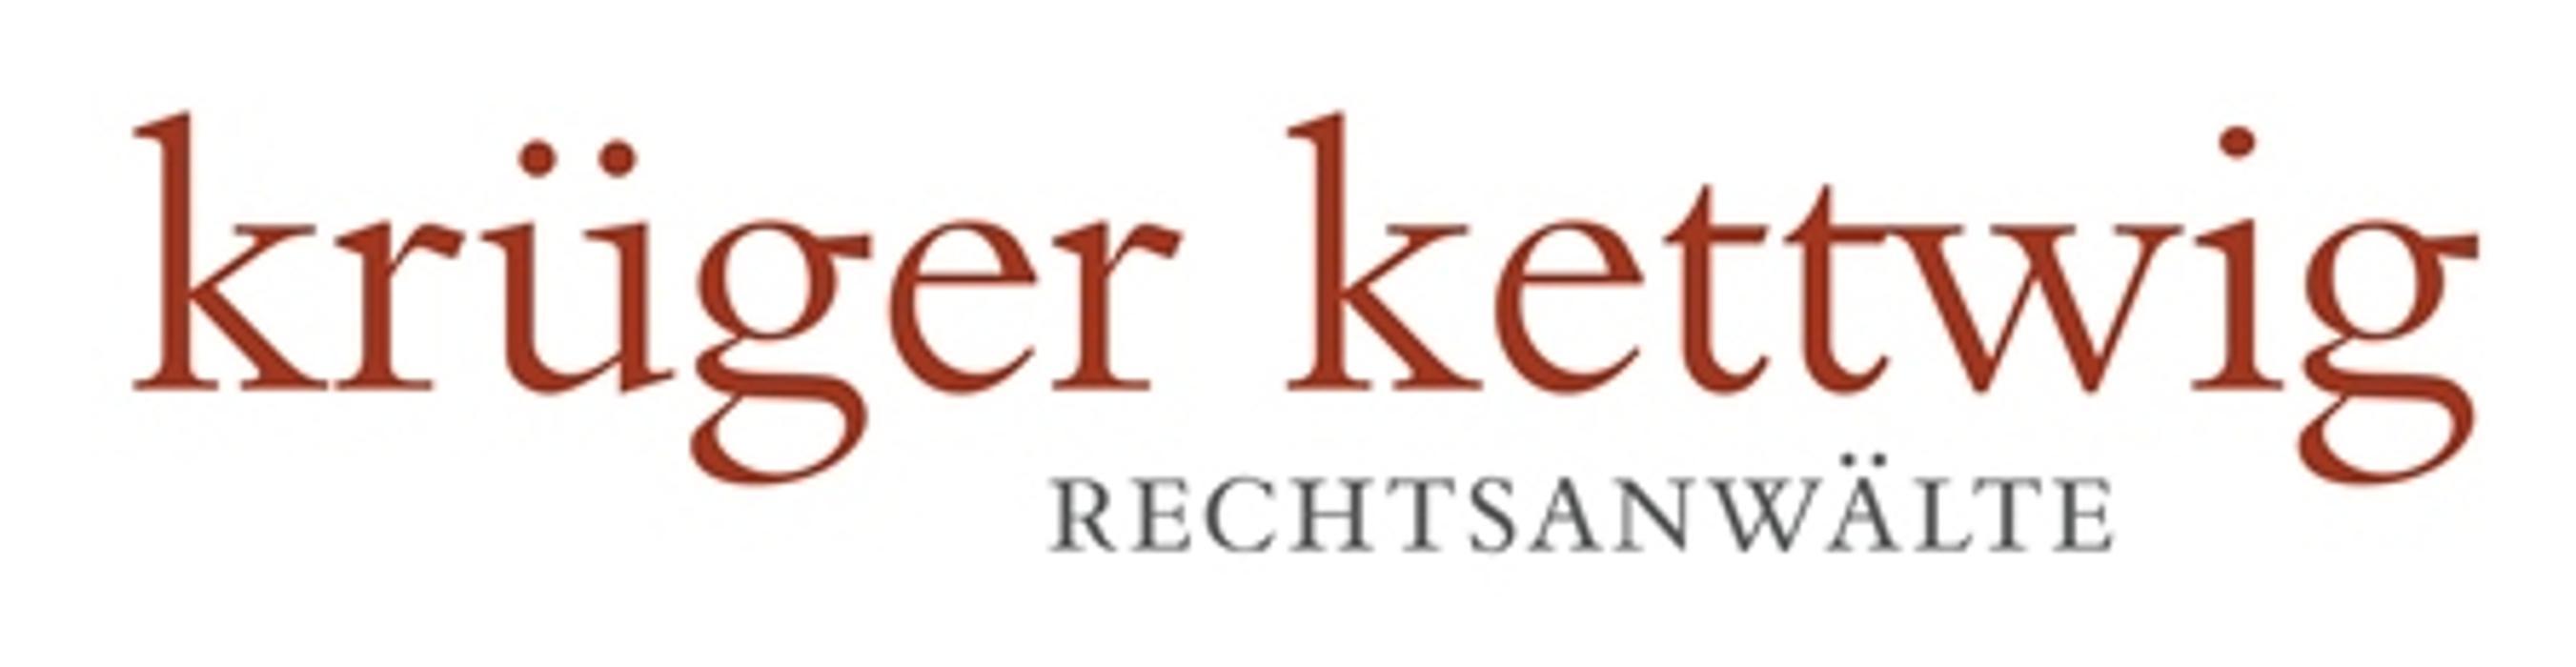 Krüger Kettwig Rechtsanwälte Partnerschaftsgesellschaft Mbb